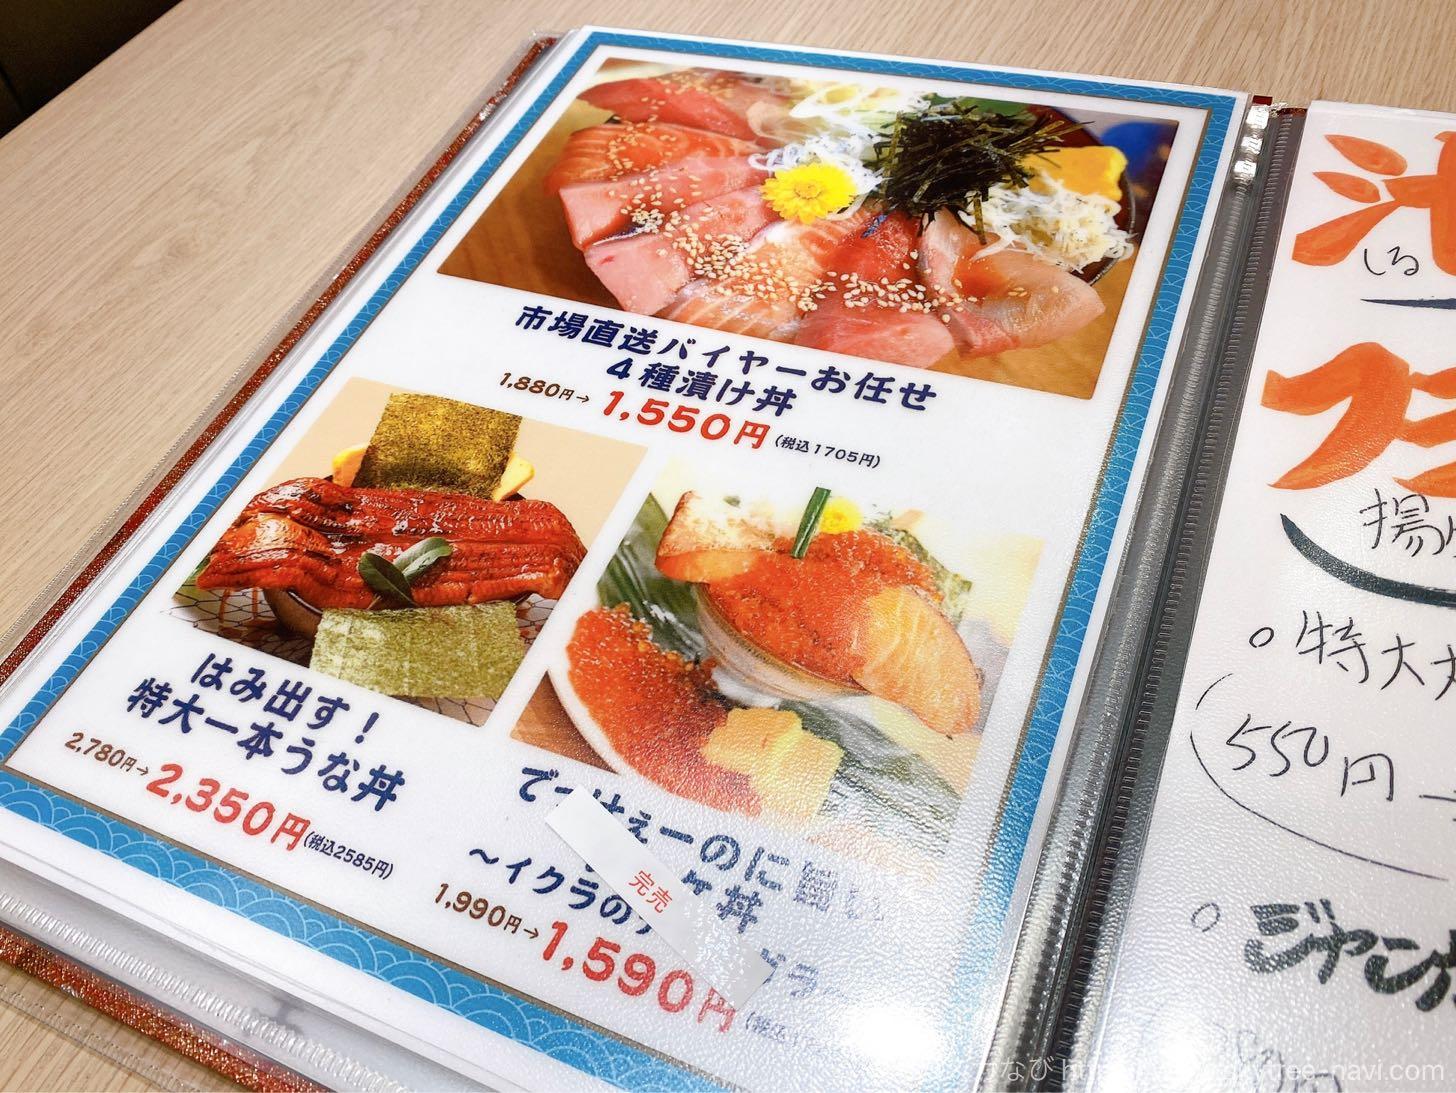 ソラマチ ニダイメ野口鮮魚店